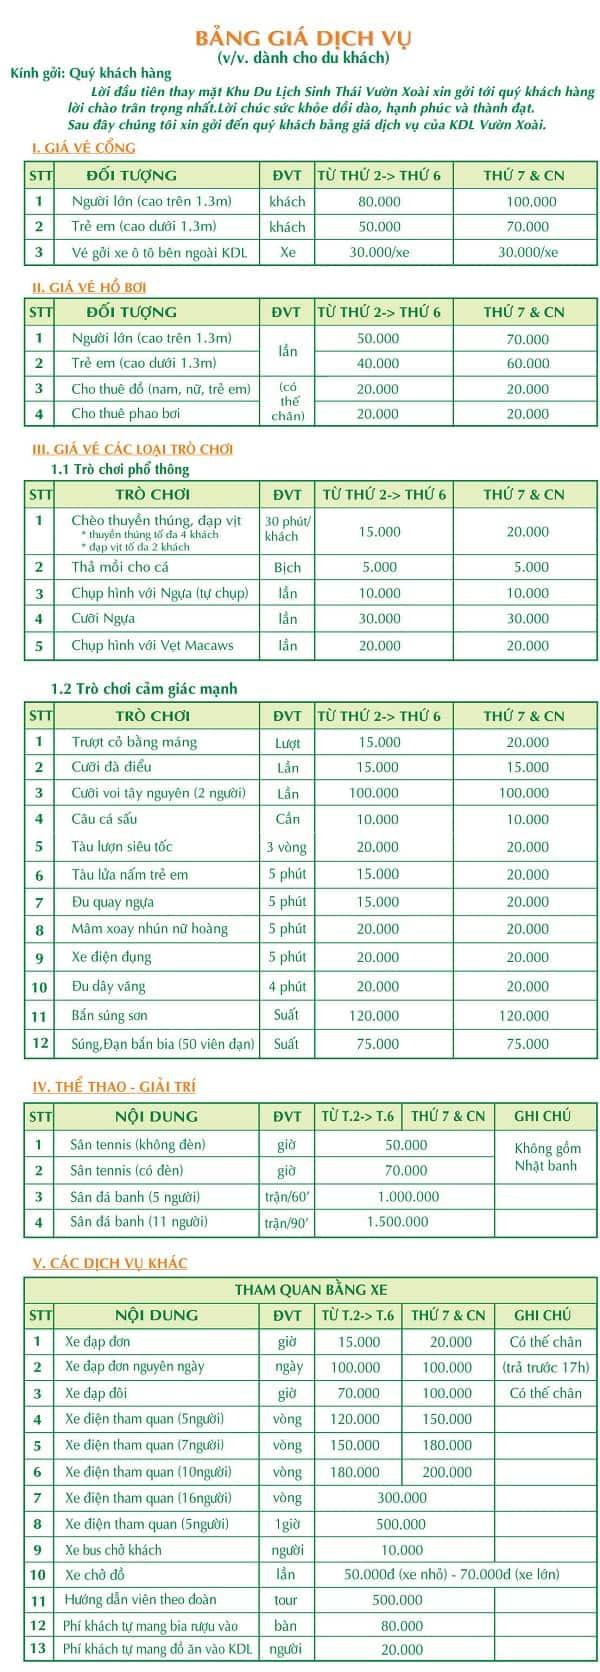 Bảng giá vé tham quan Vườn Xoài, Đồng Nai